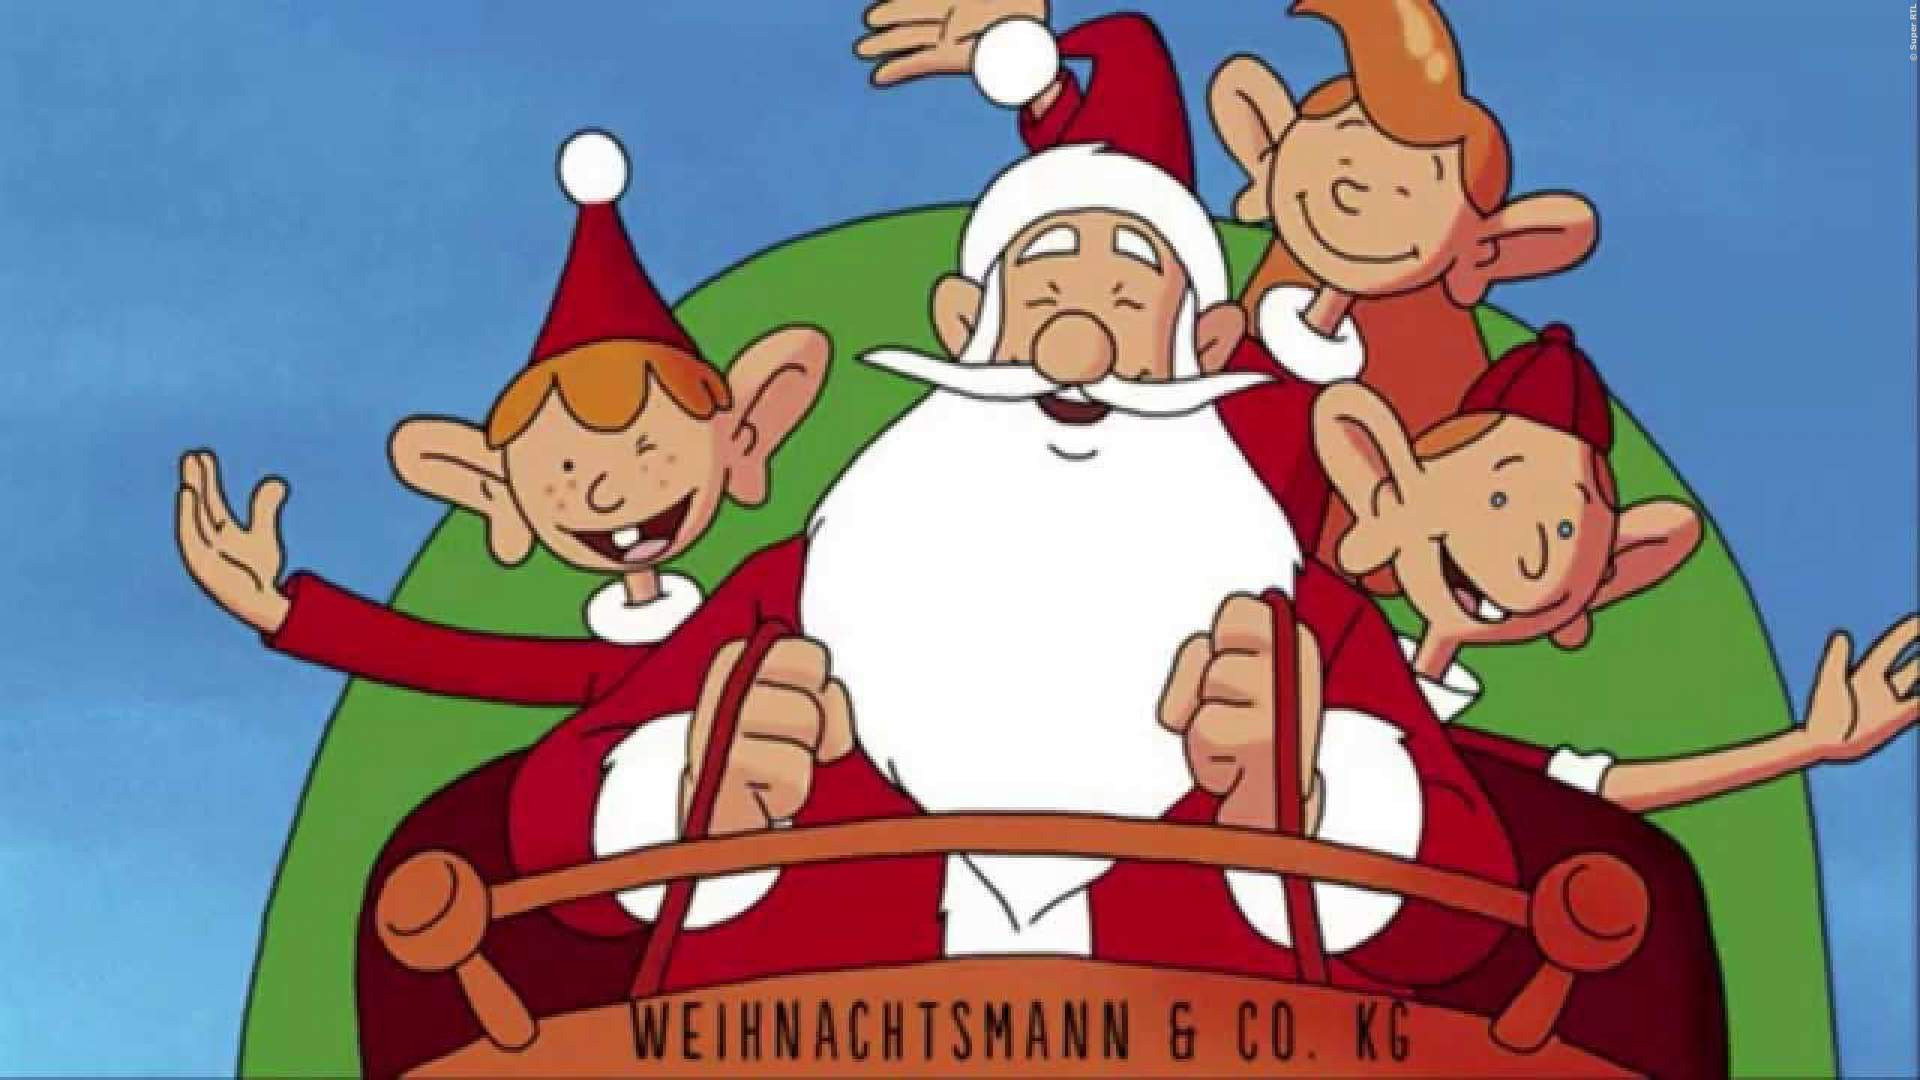 Weihnachtsmann Und Co Kg Ausmalbilder Genial Mein Adventszauber 24 Postkarten Zum Ausmalen Amazon Cordula Genial Bilder